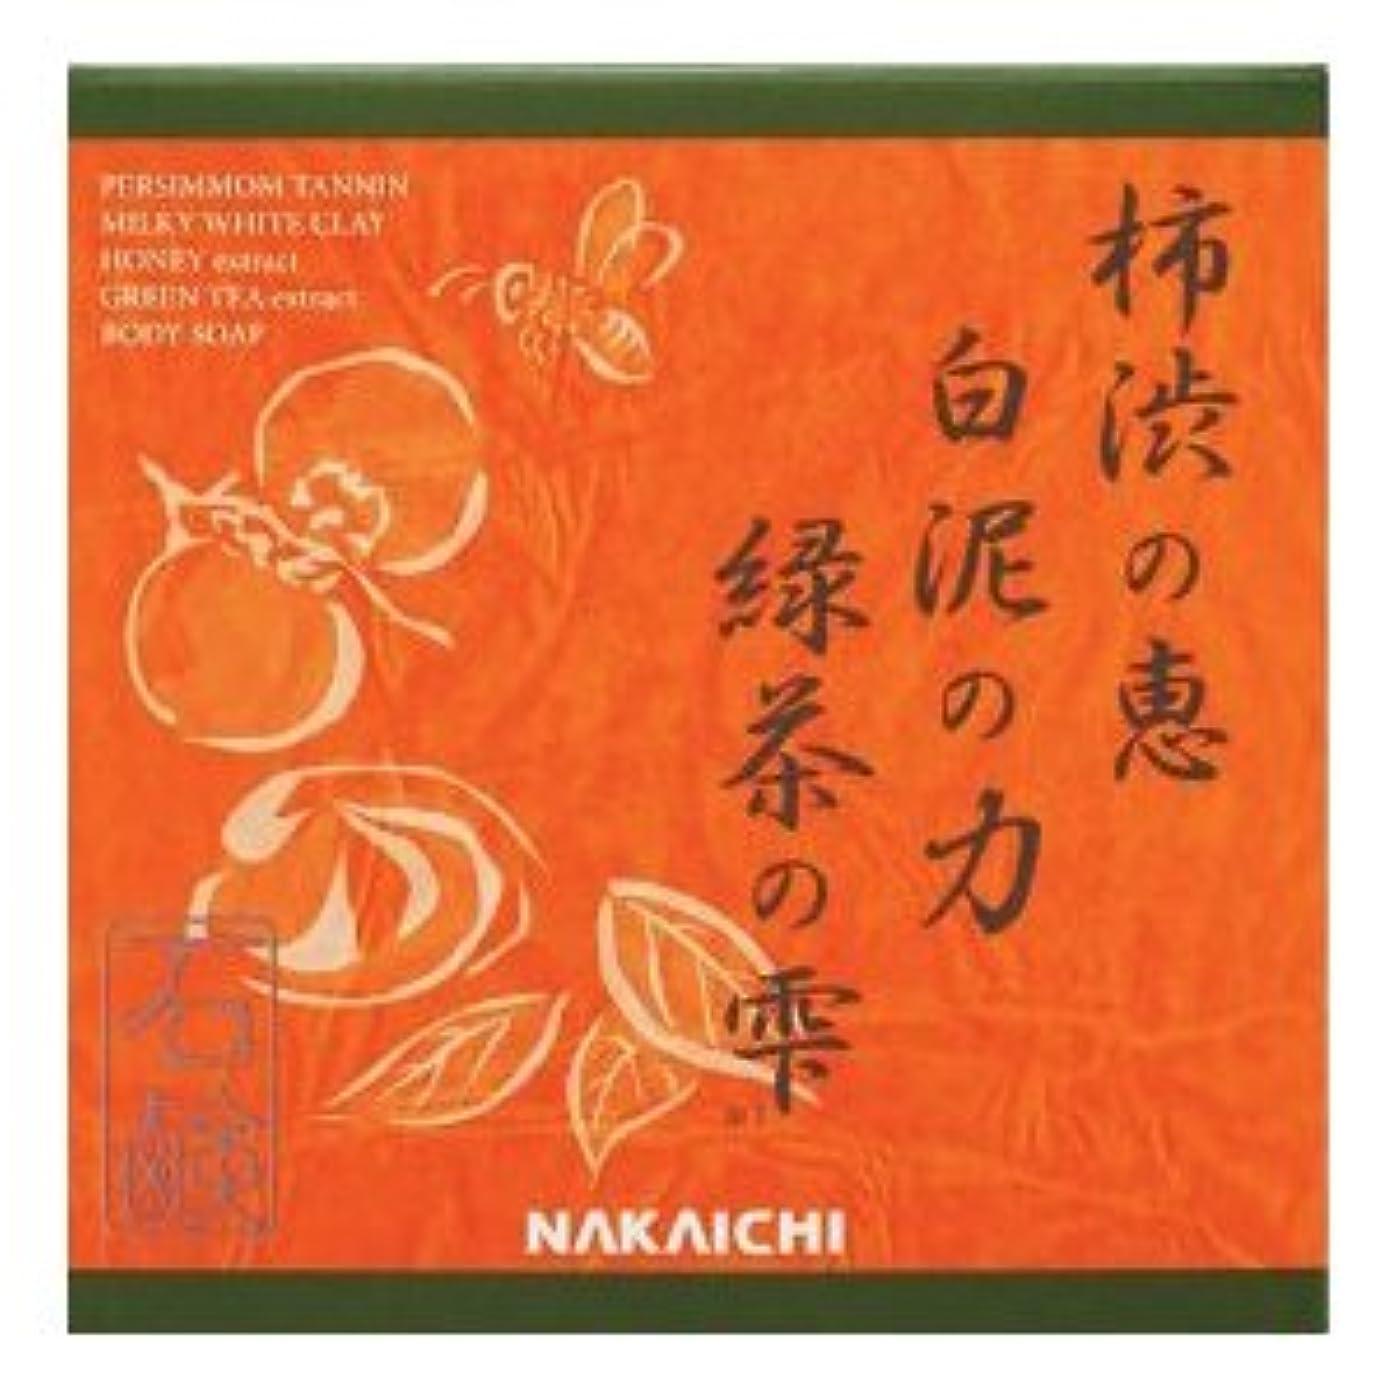 等々ジョガー肺柿渋の恵み?白泥の力?緑茶の雫  Nakaichi クリアボディーソープ  100g  (化粧品)